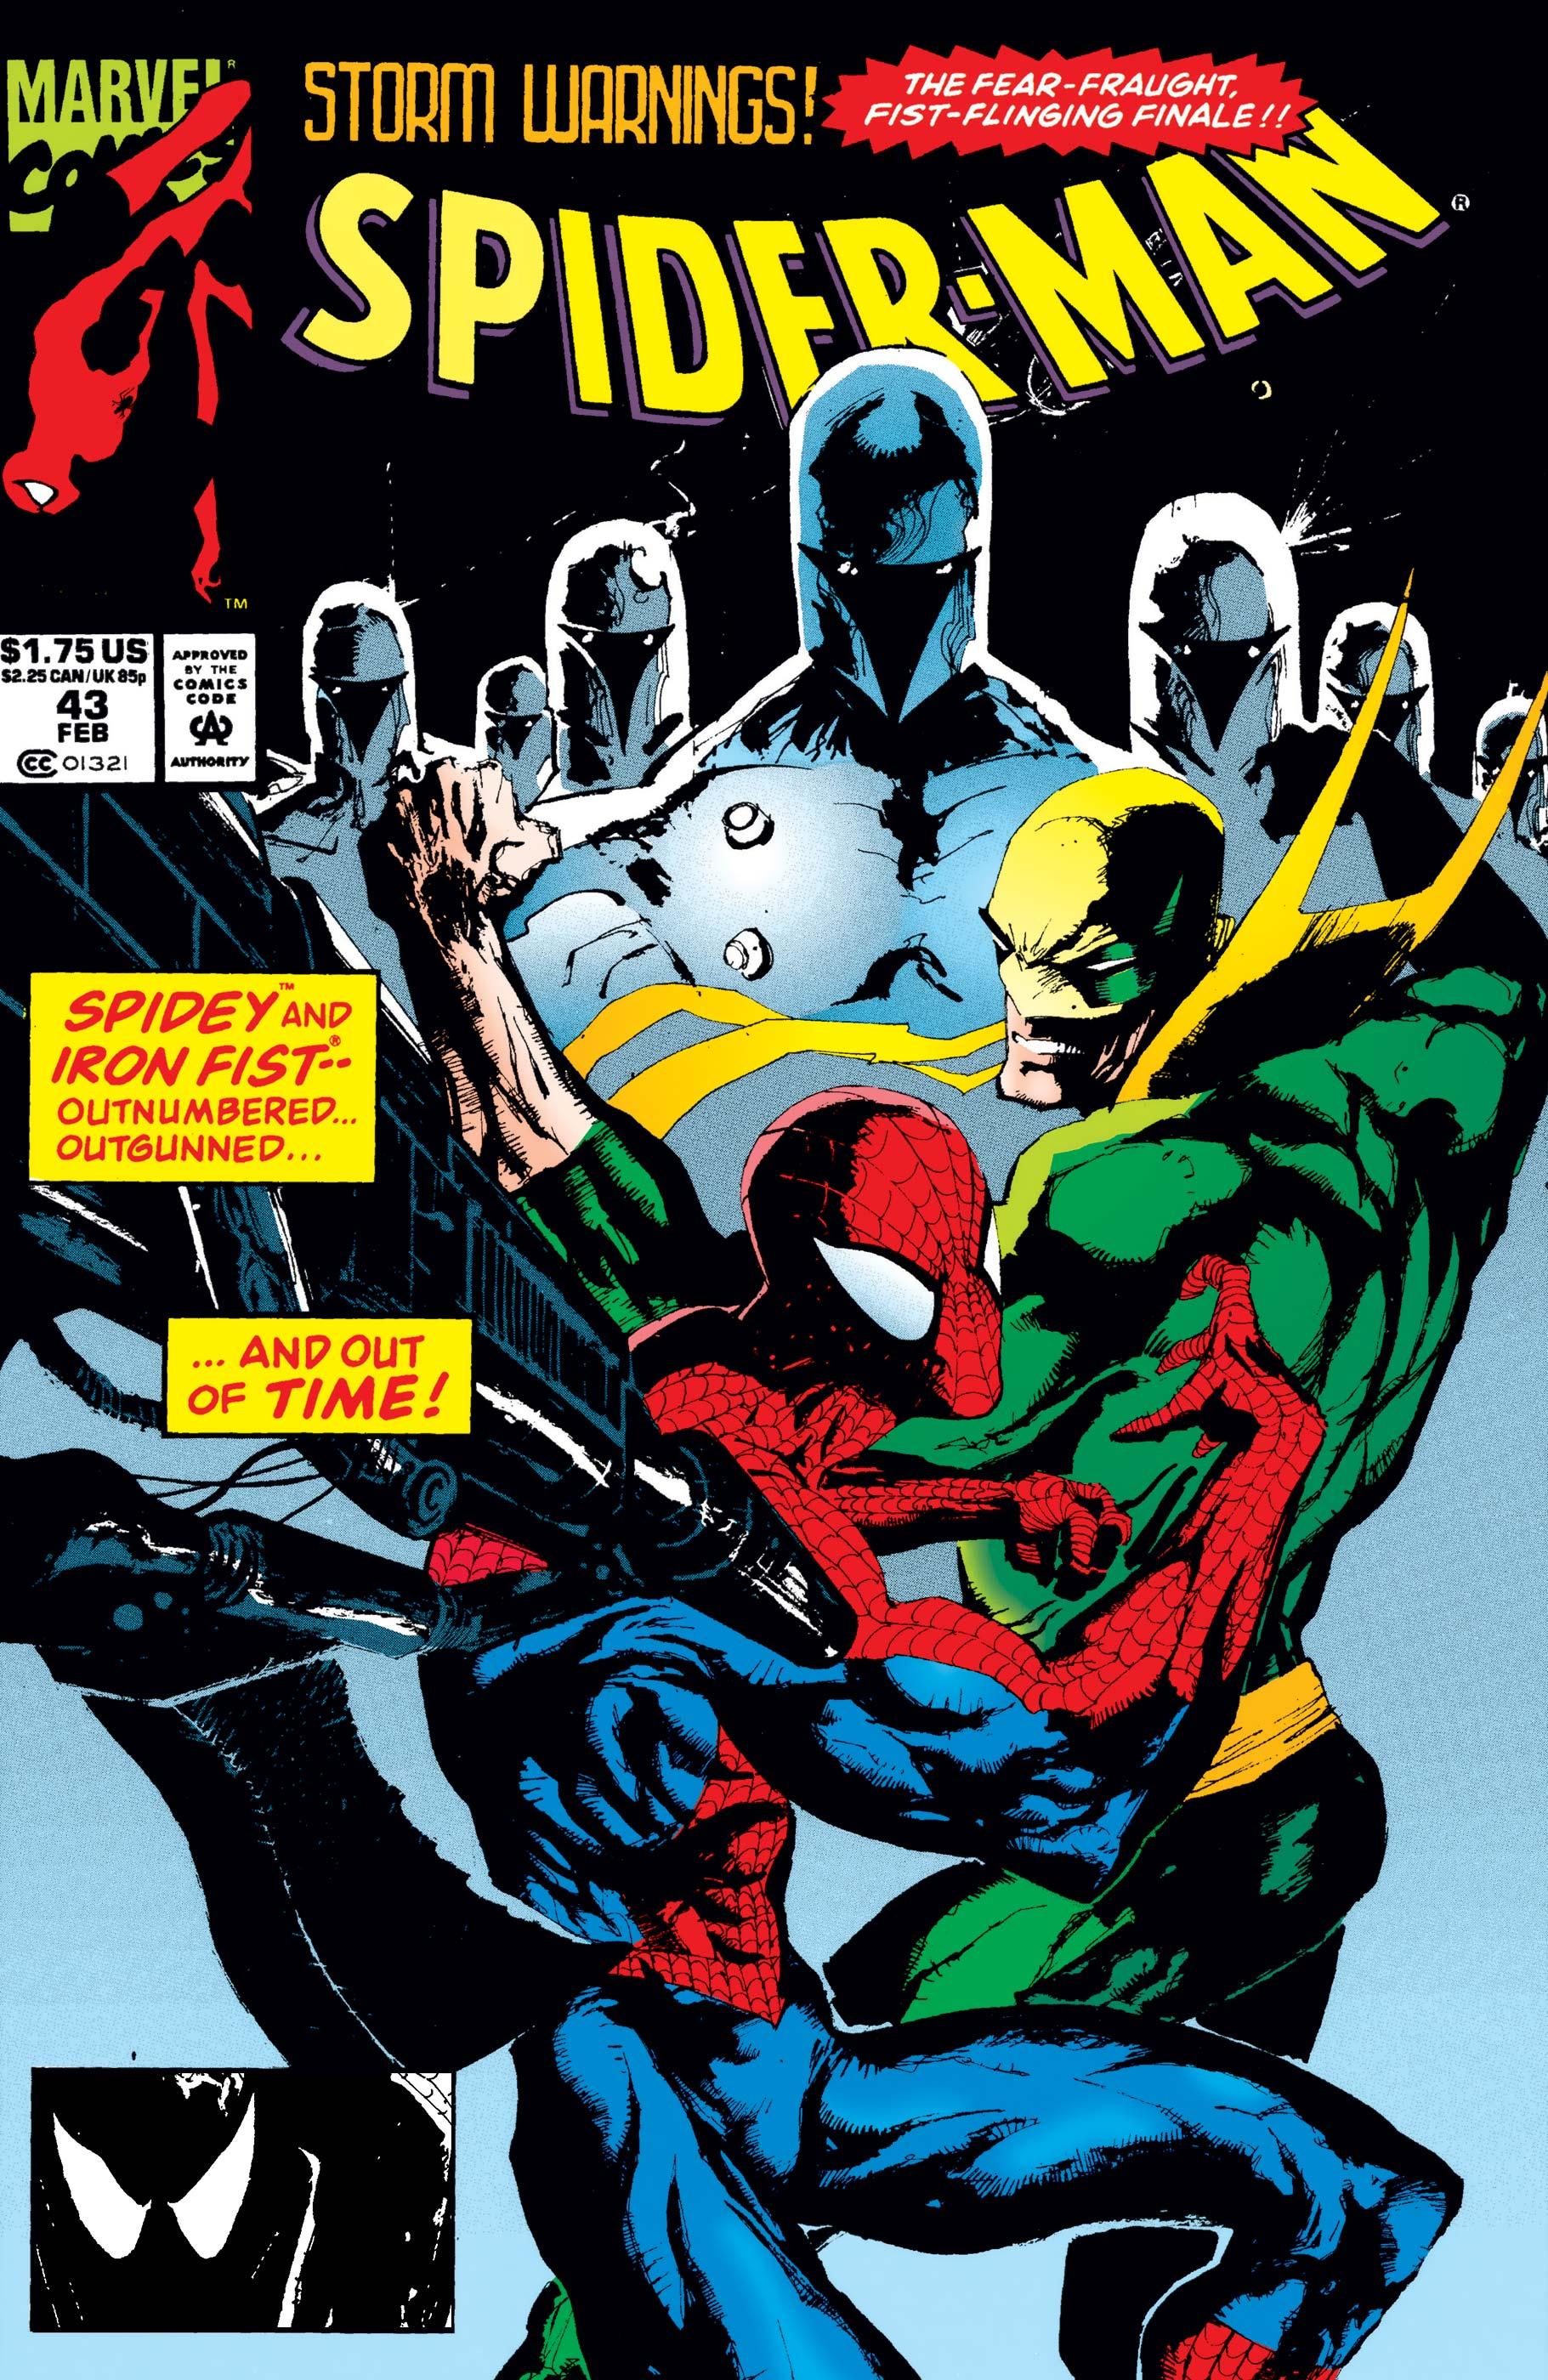 Spider-Man (1990) #43